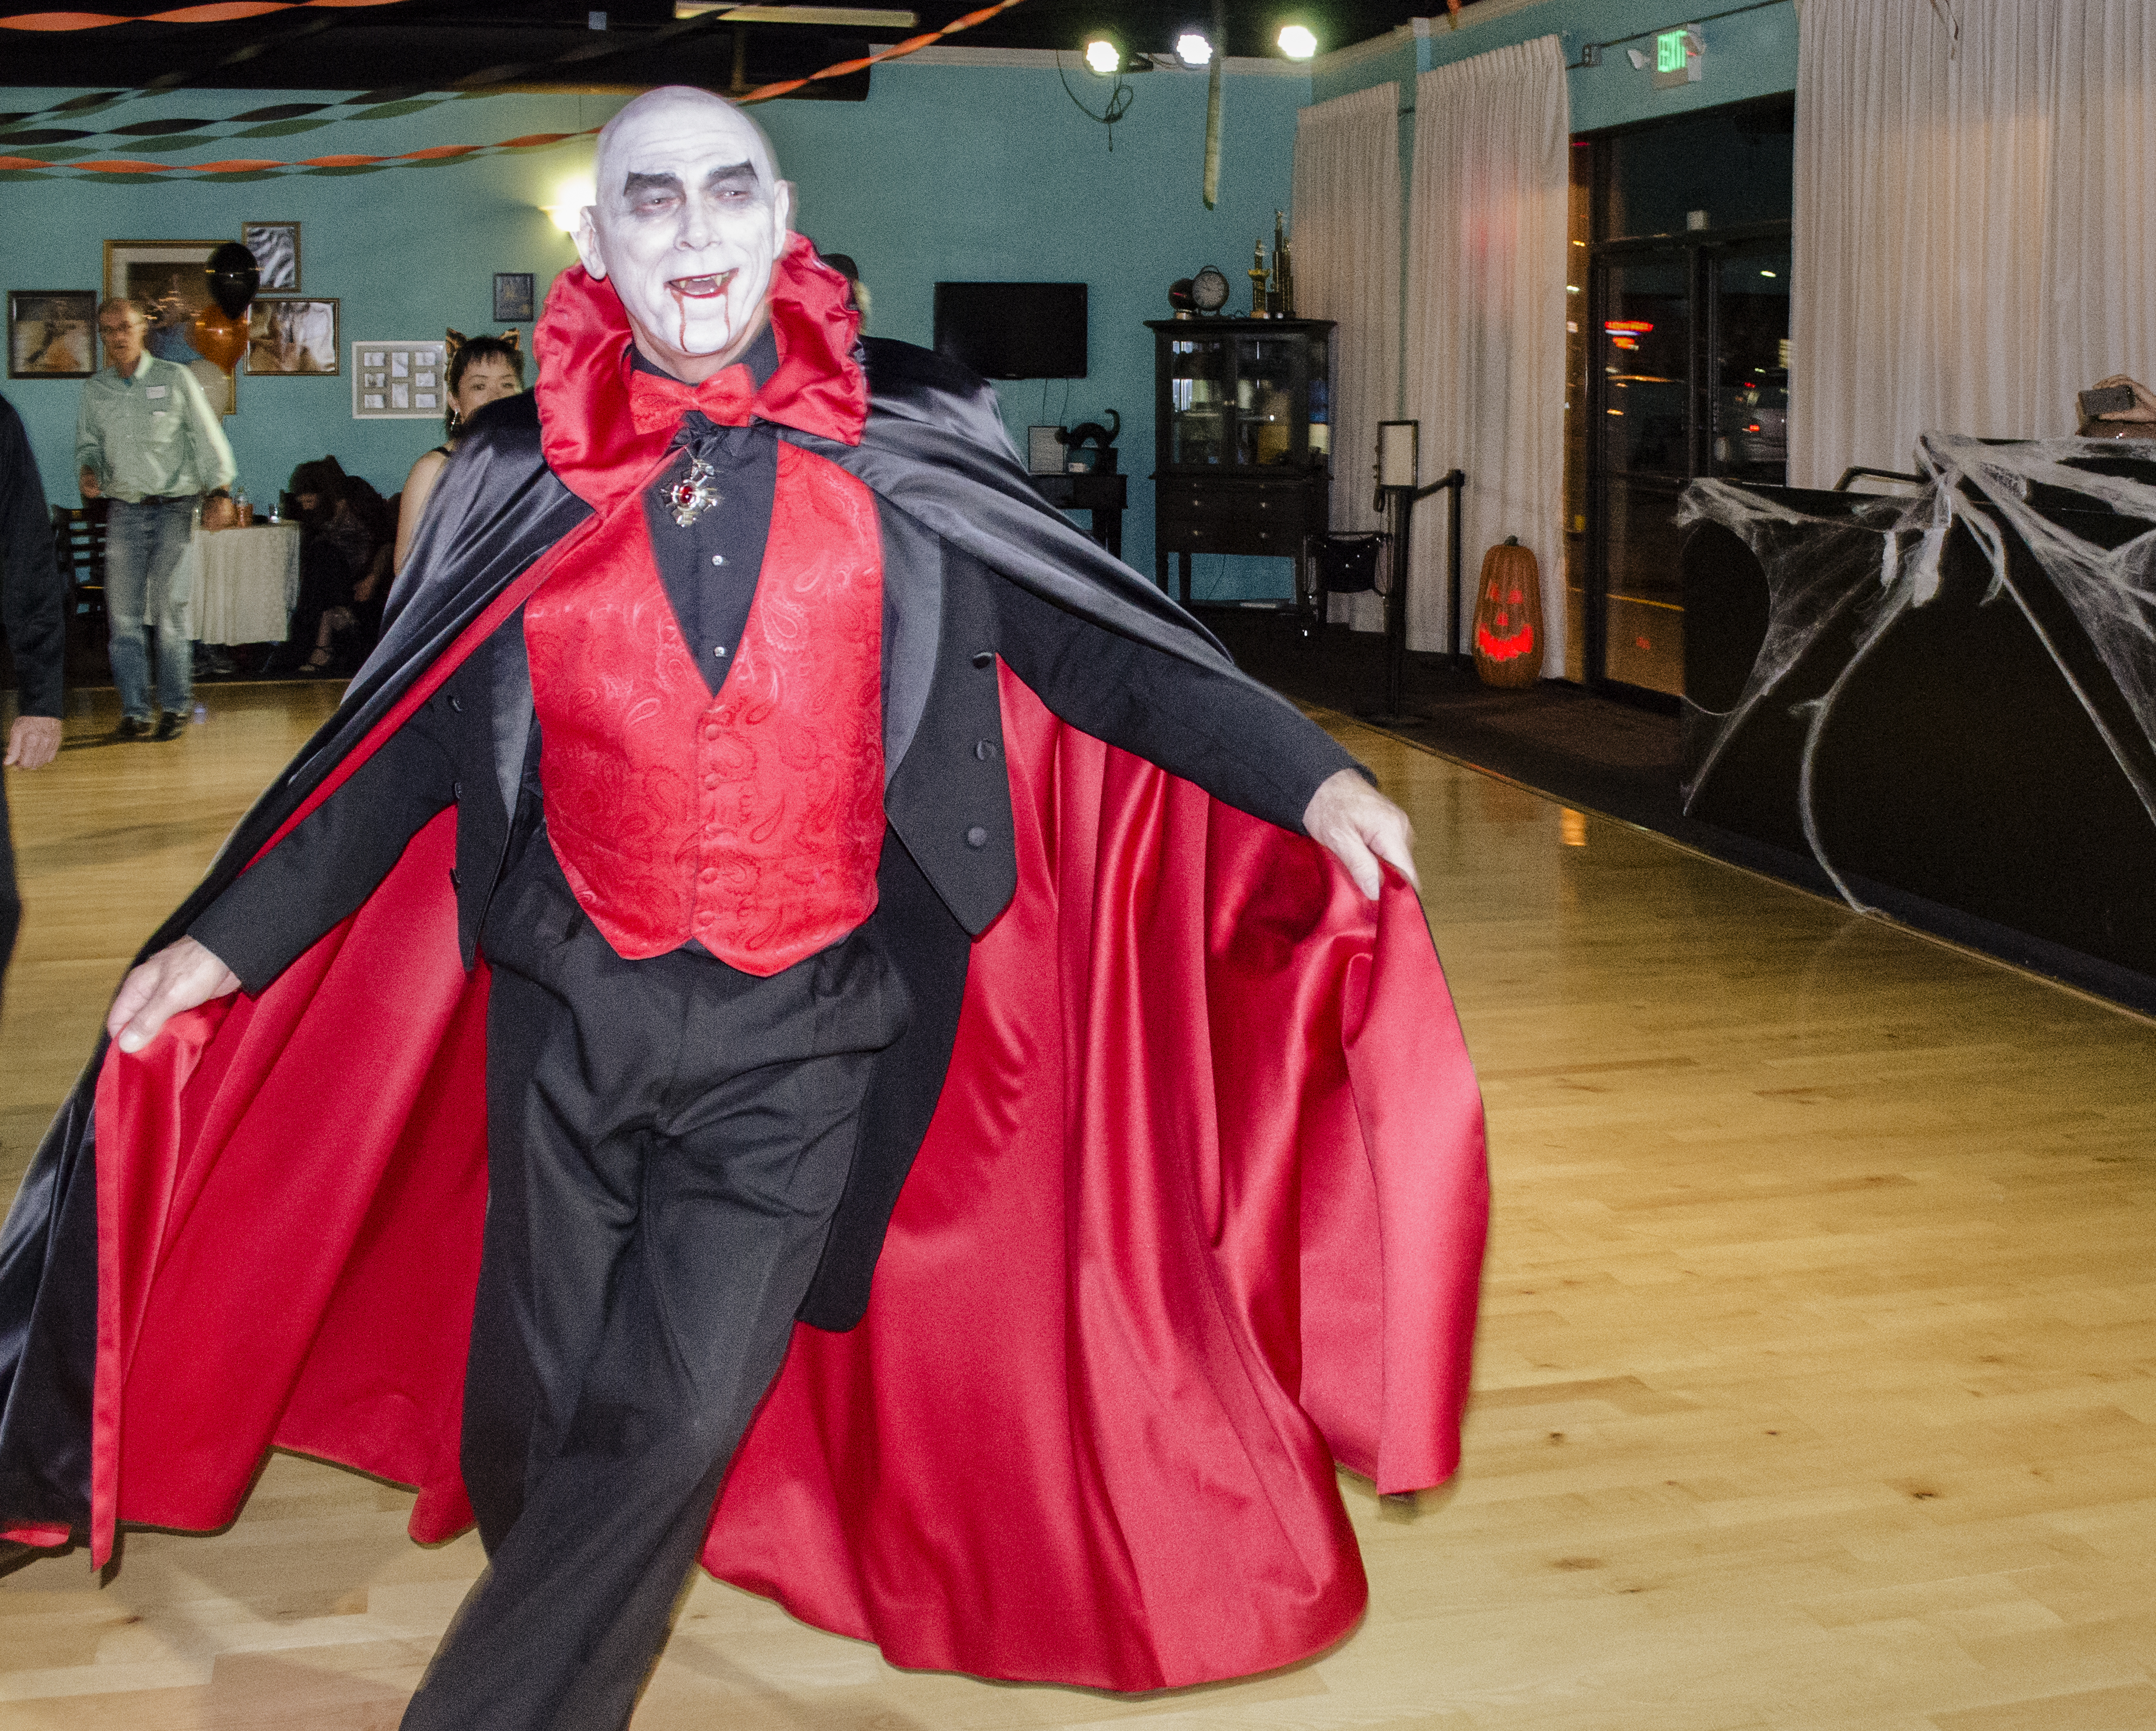 Dancing gets Dracula's blood flowing